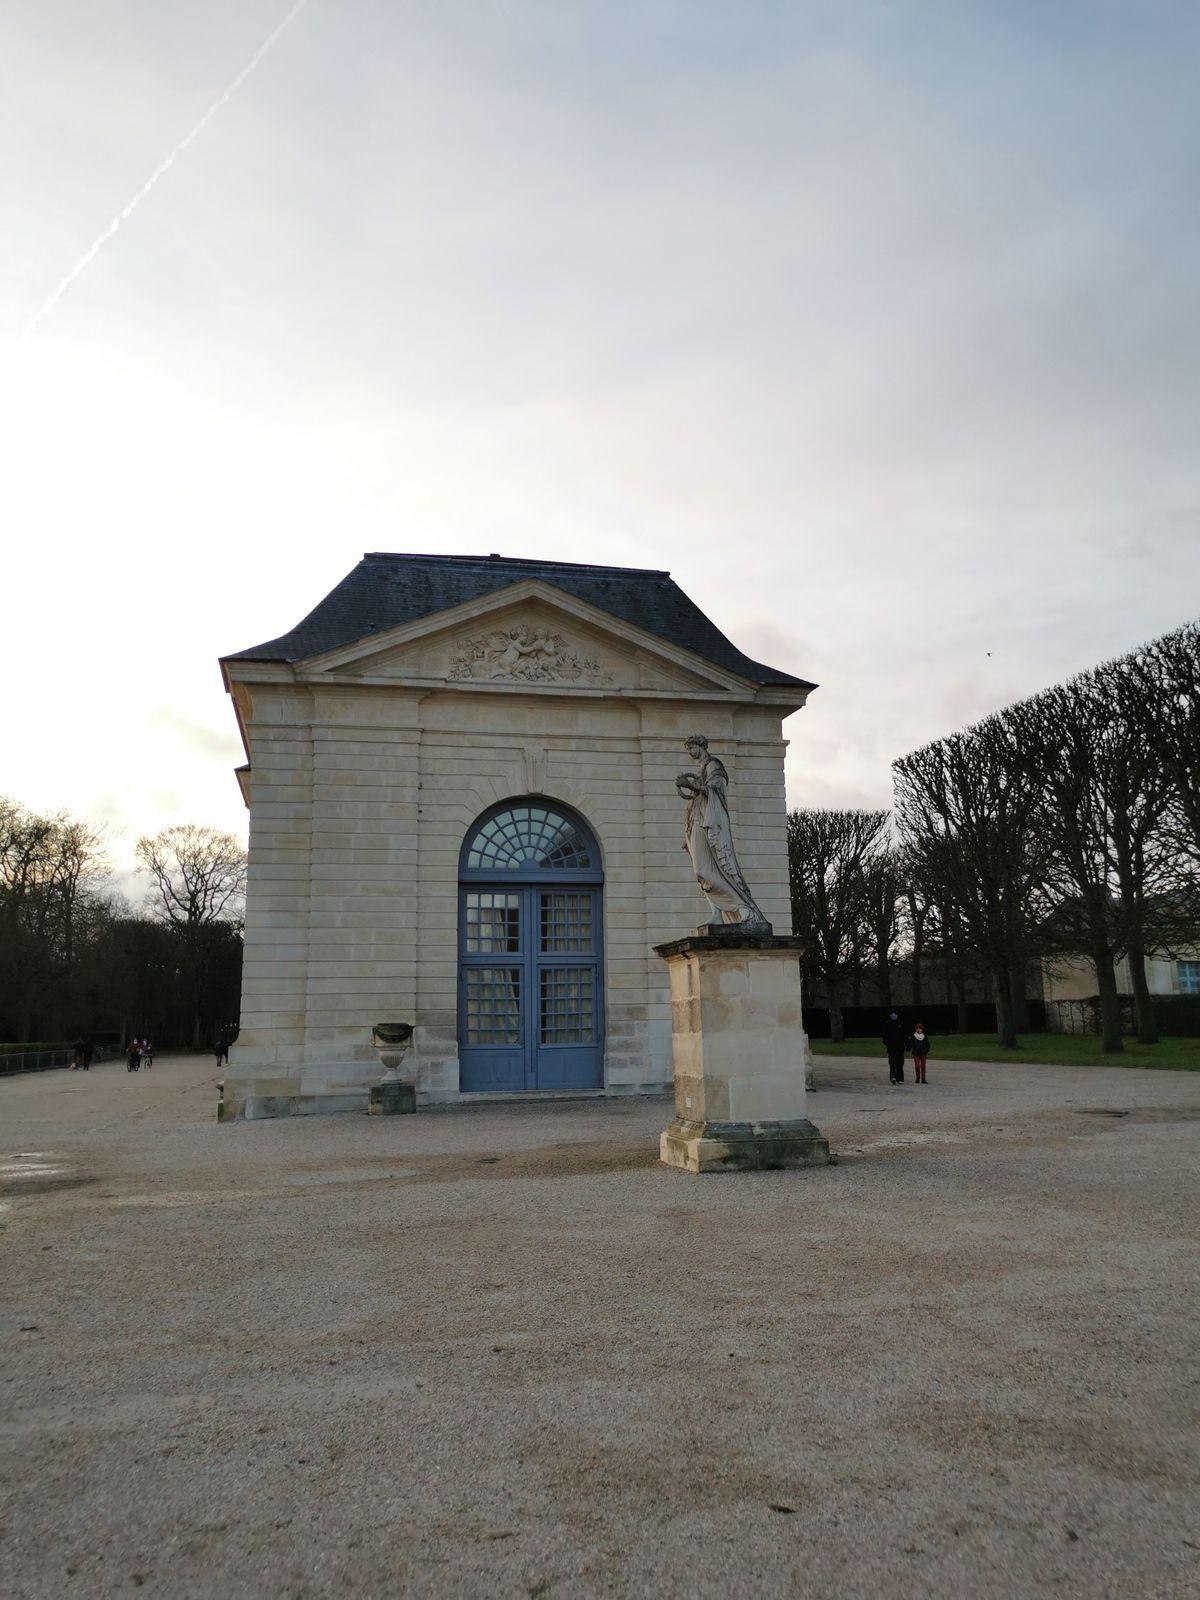 Domaine de Sceaux : château, parc et jardin